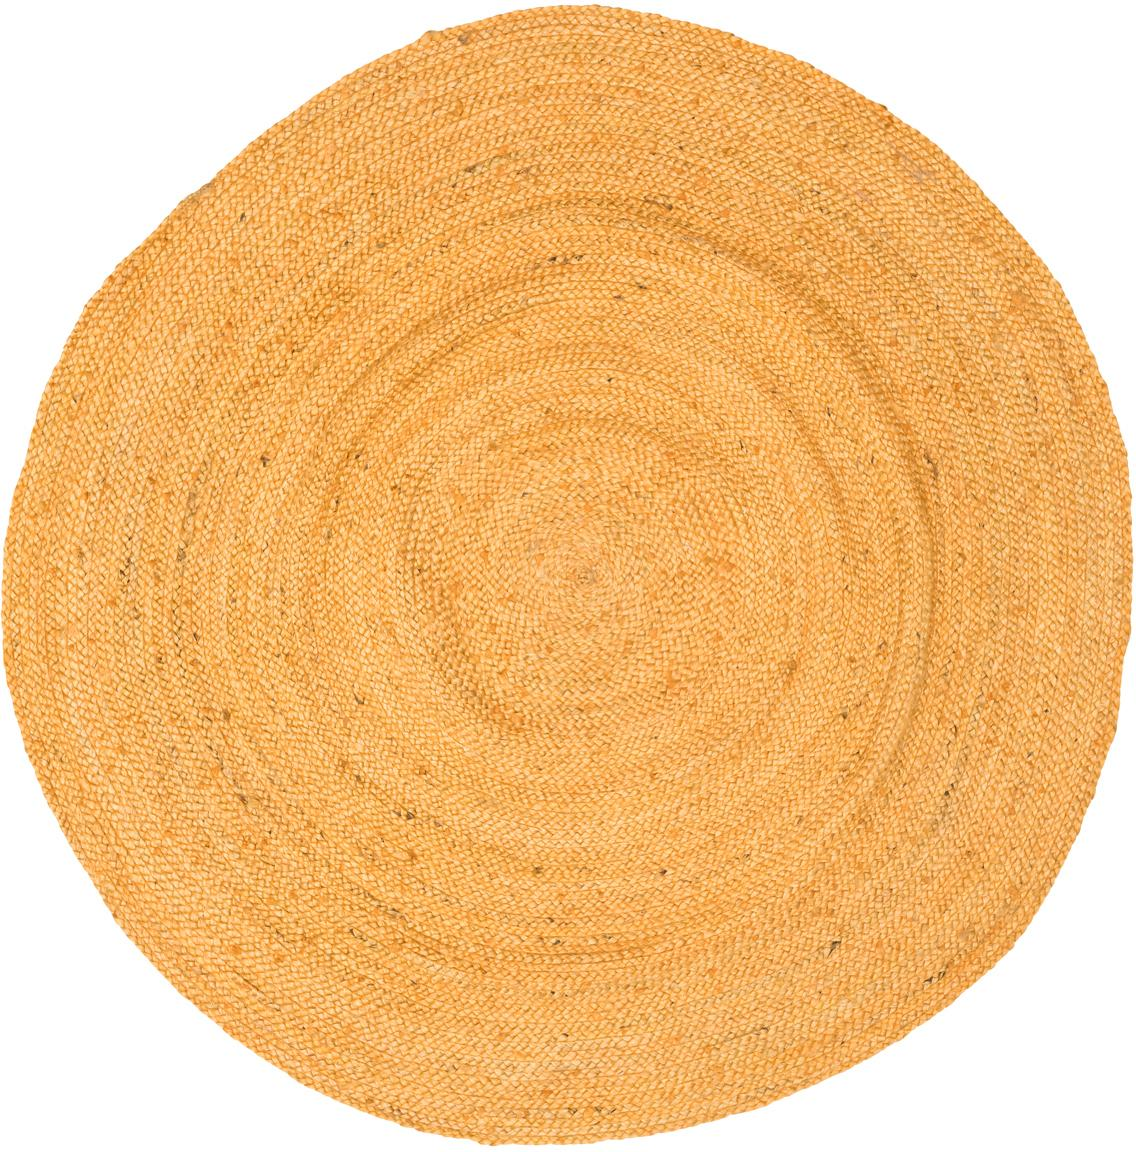 Rond juten vloerkleed Pampas in geel, Jute, Geel, Ø 150 cm